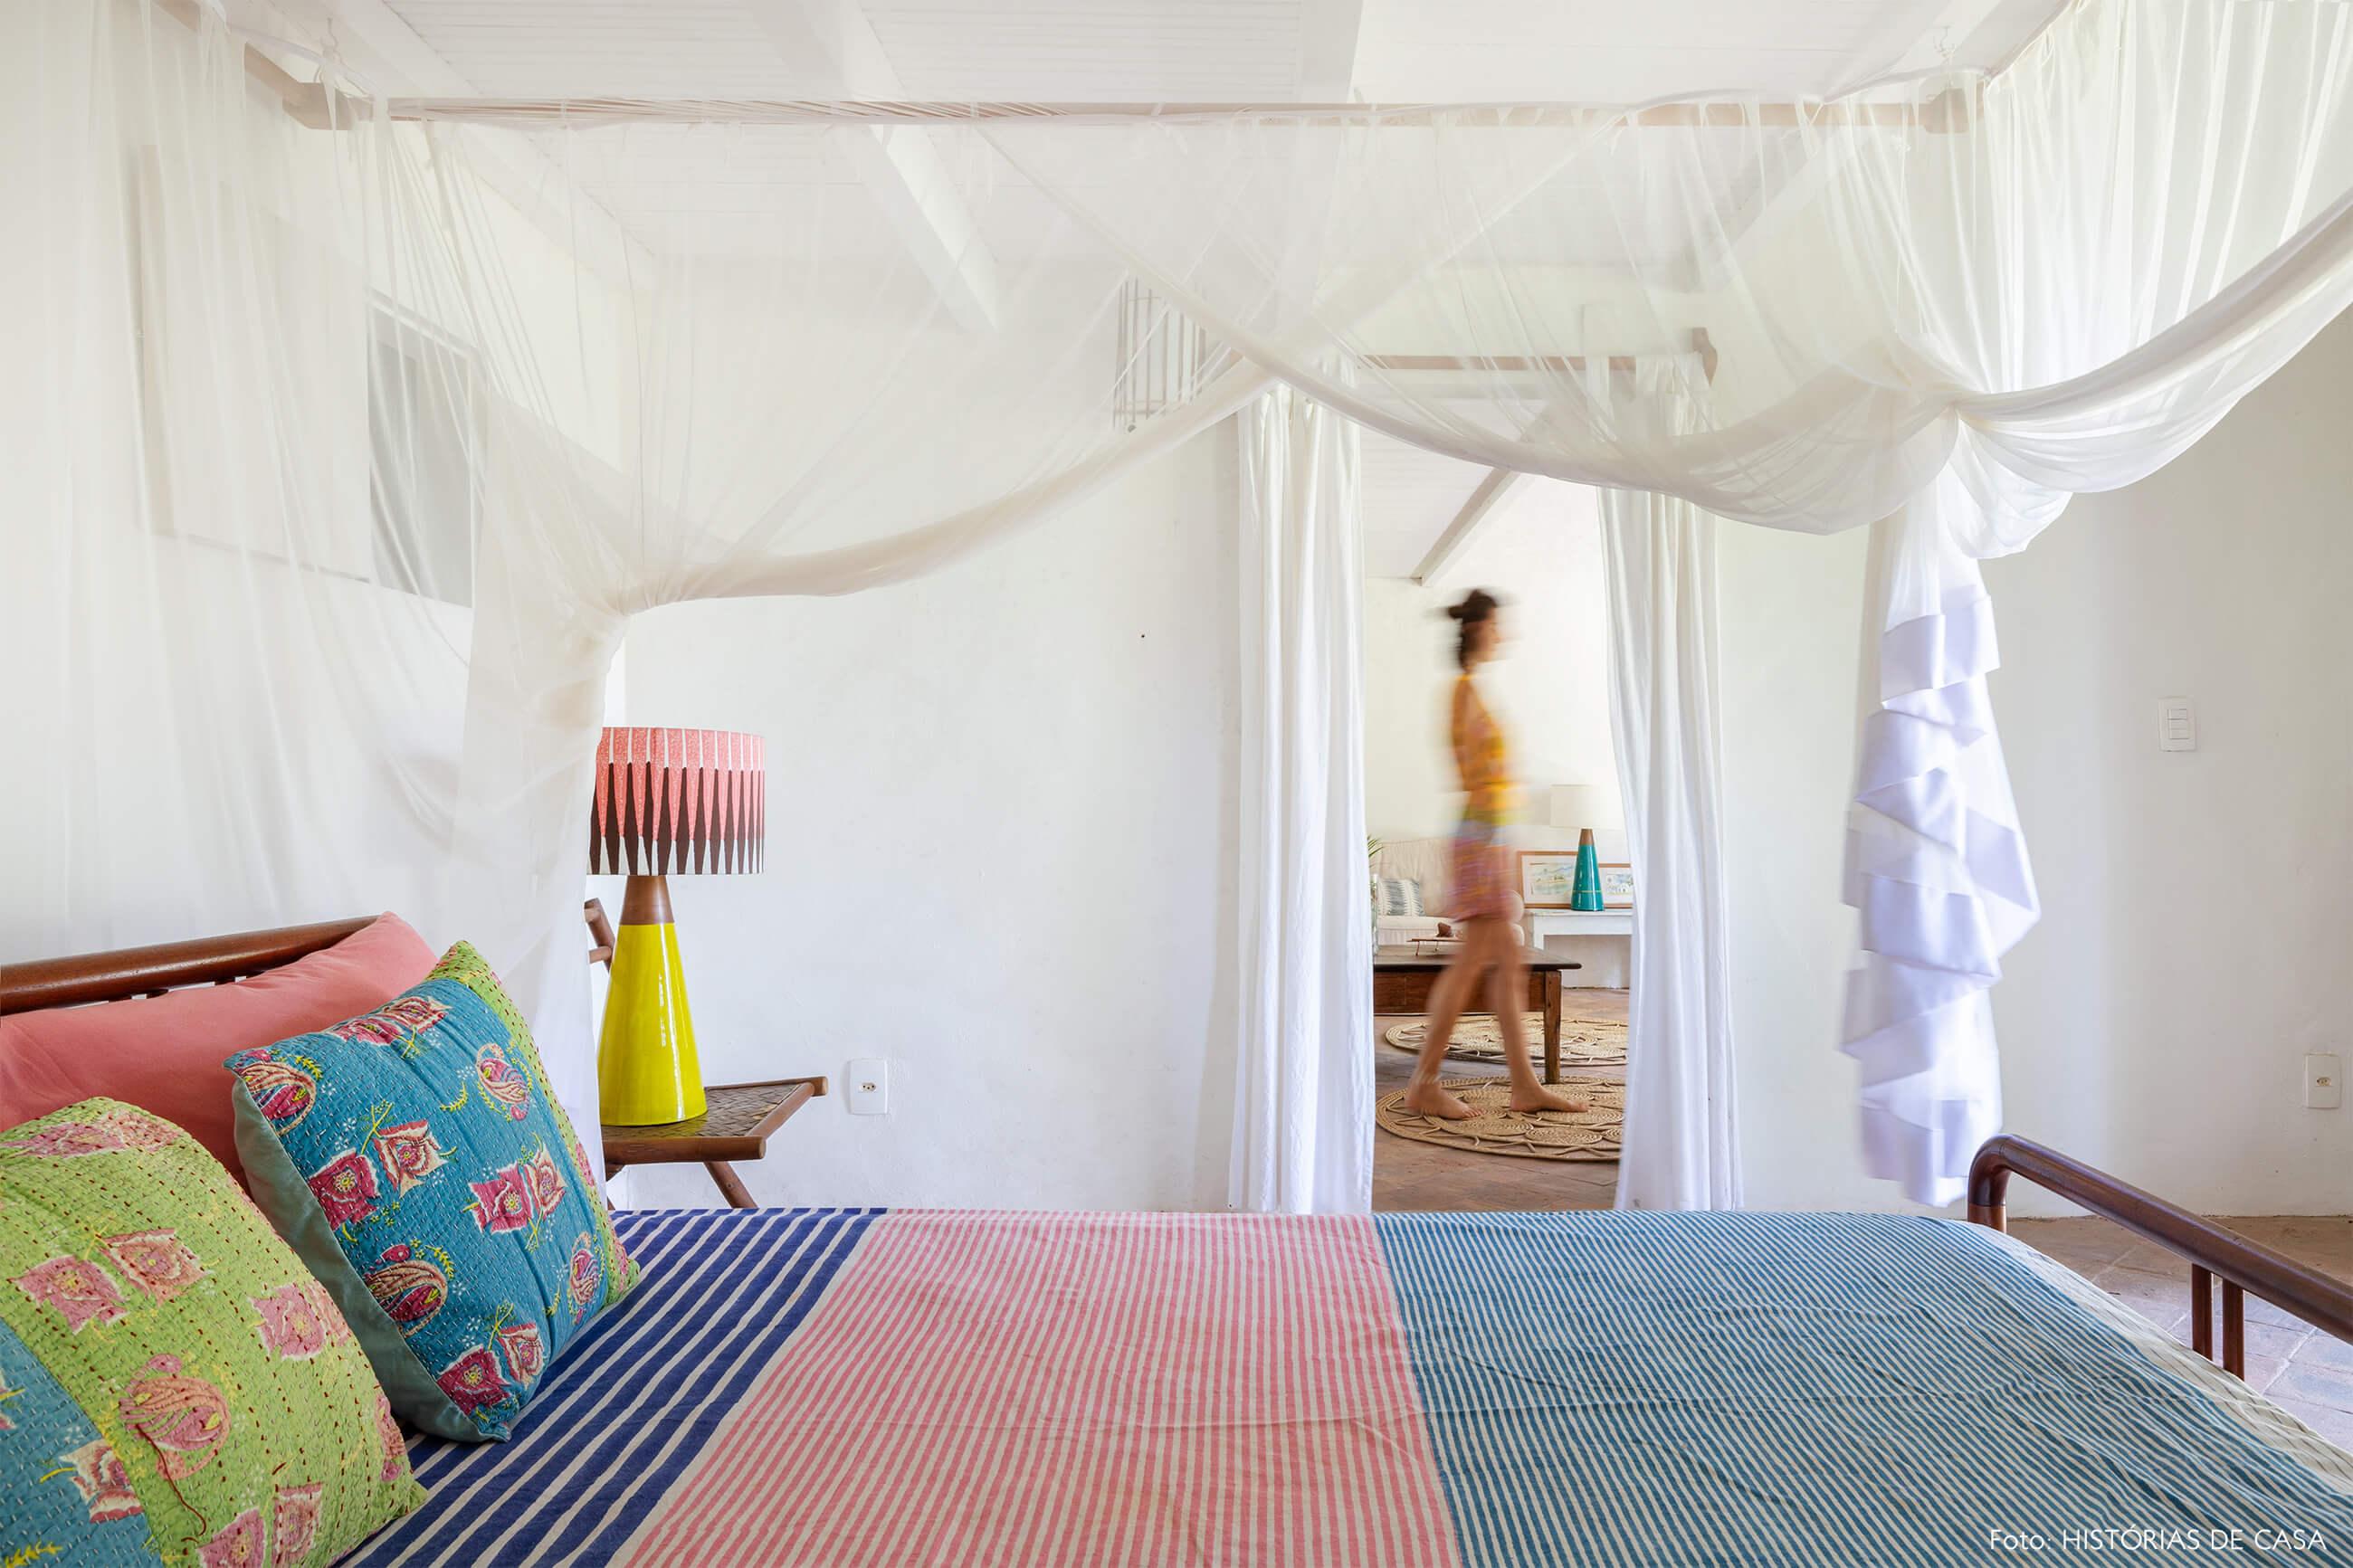 flavia-decoração-trancoso-quarto-com-cama-colorida-e-tenda-branc